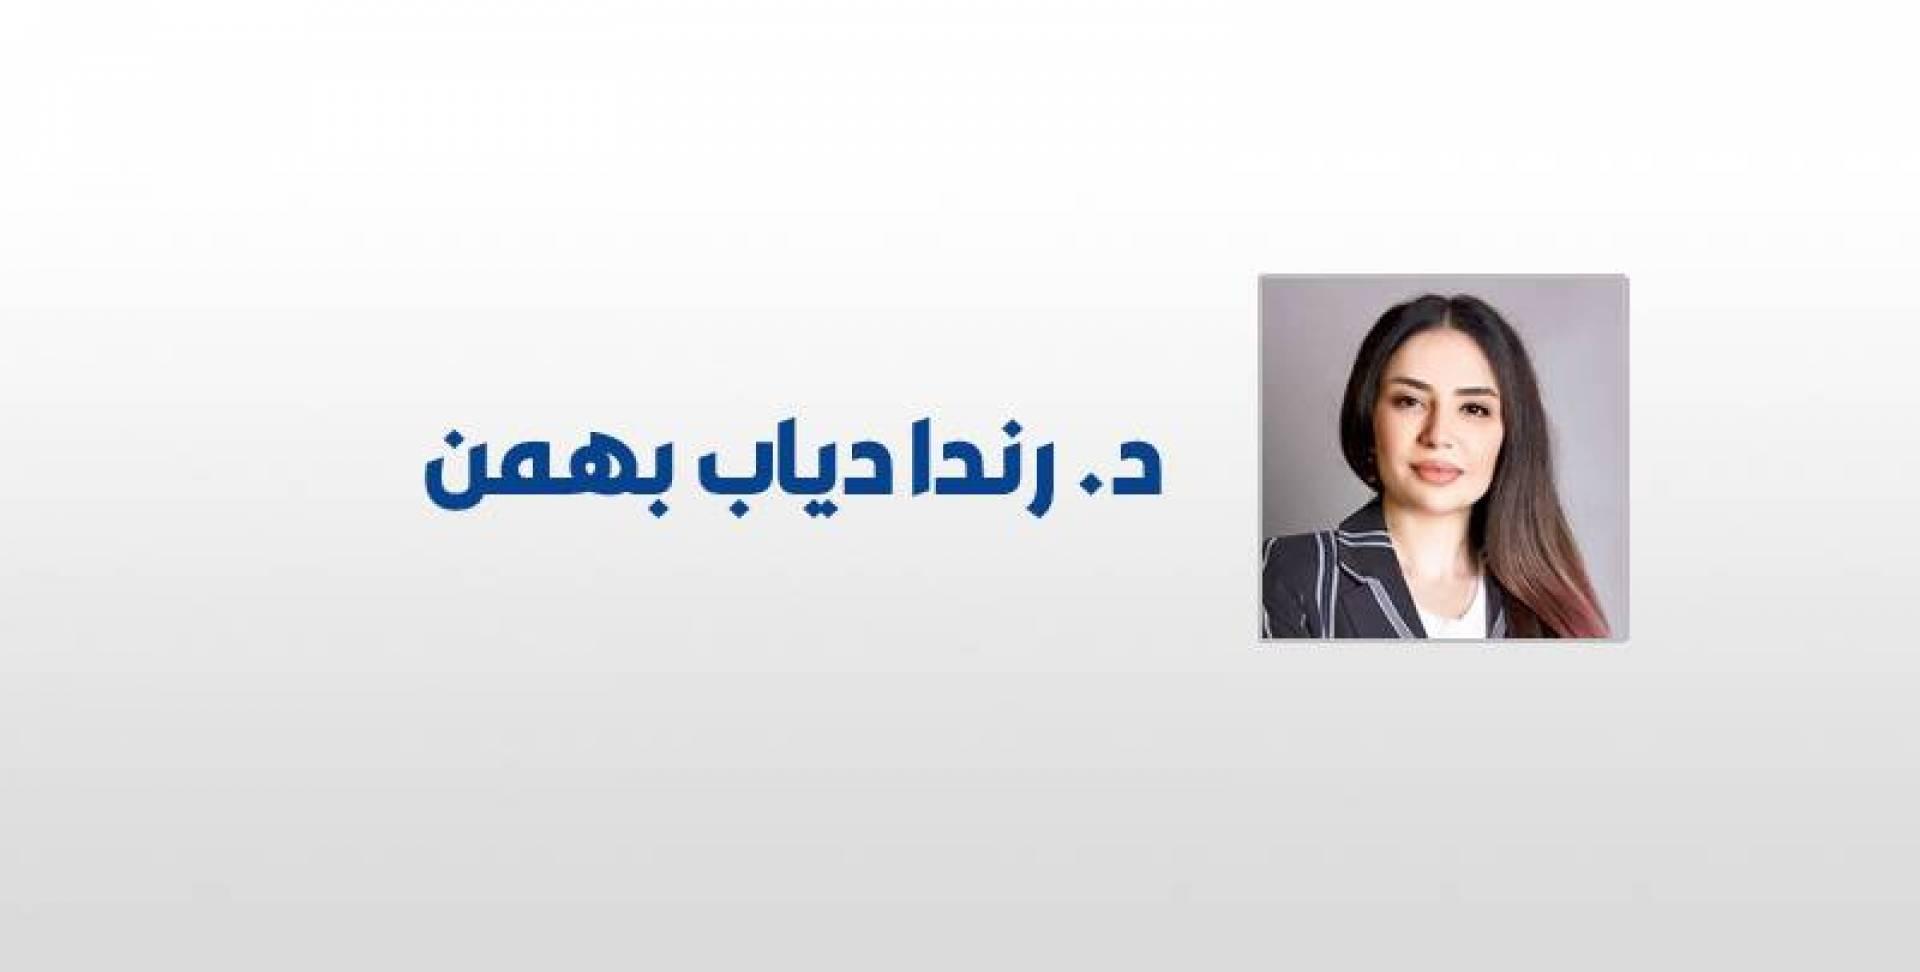 د. رندا دياب بهمن